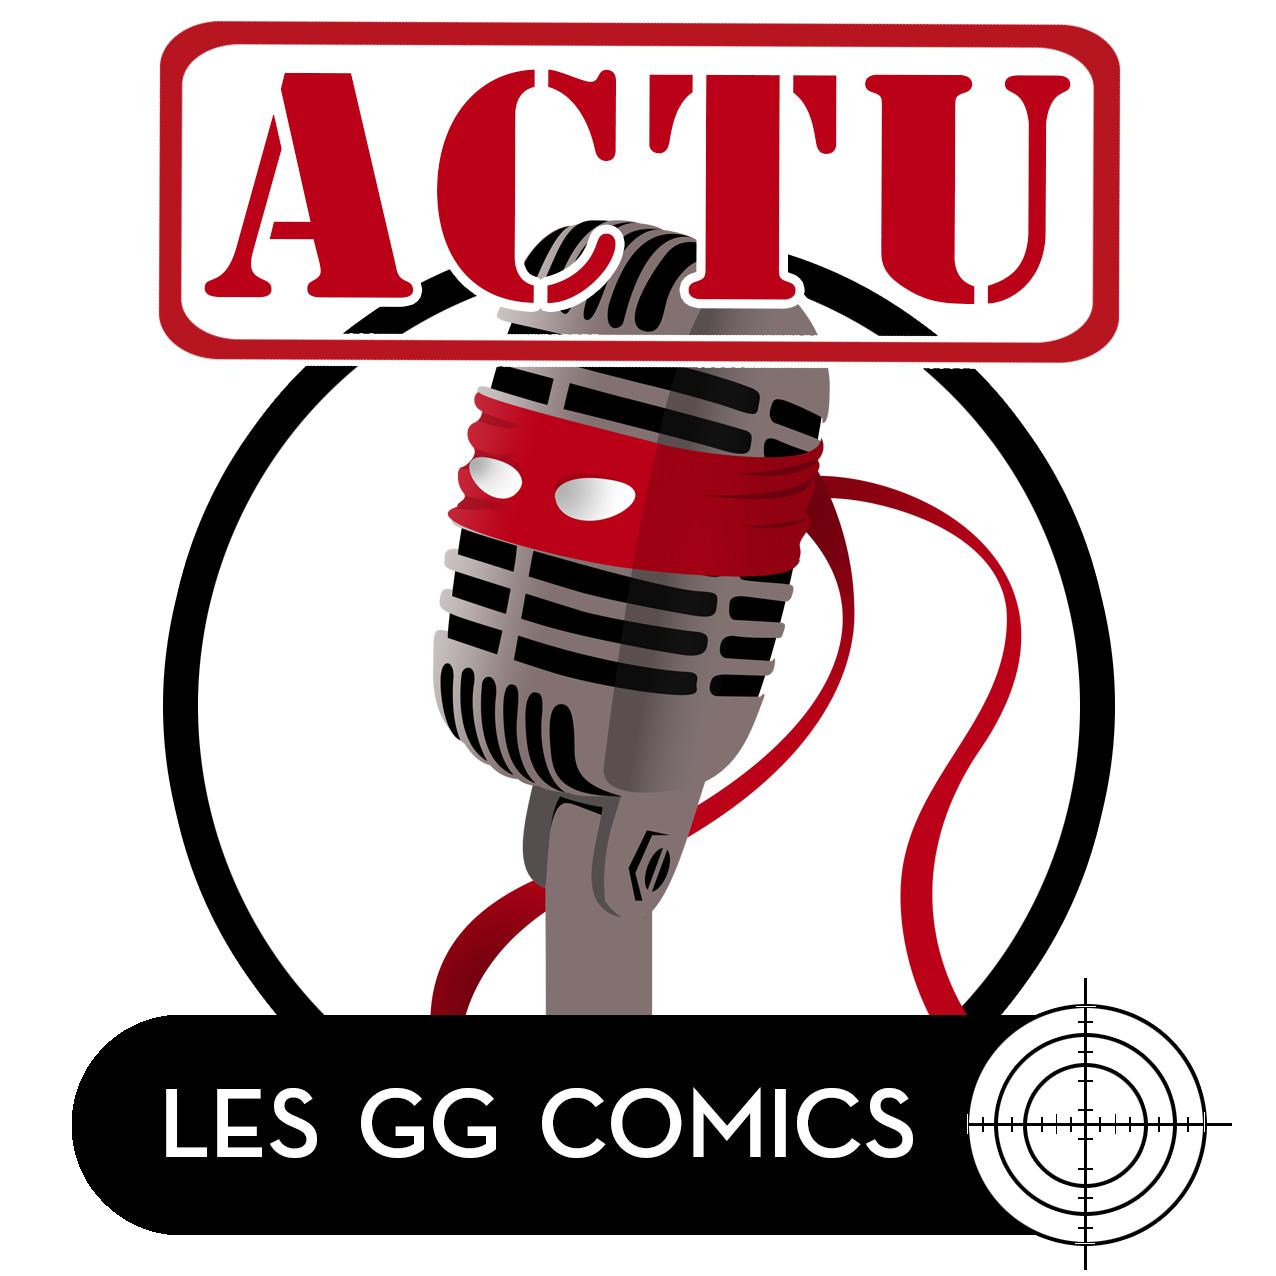 Les GG comics Actu #1 : En toute franchise !